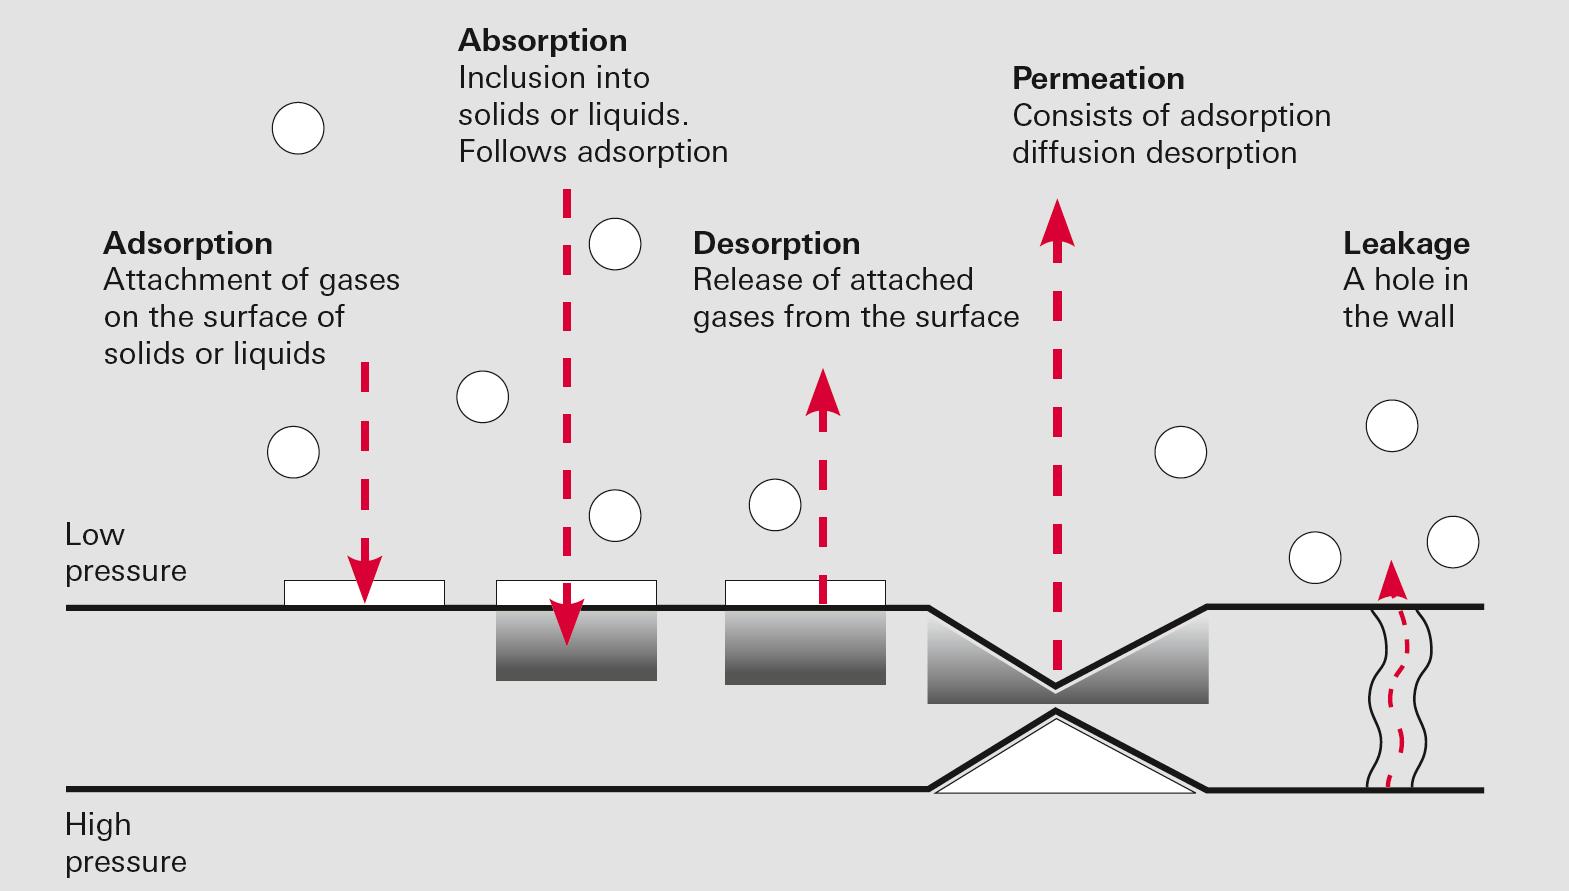 Adsorption, Absoption, Desorption, Permeation, Leakage